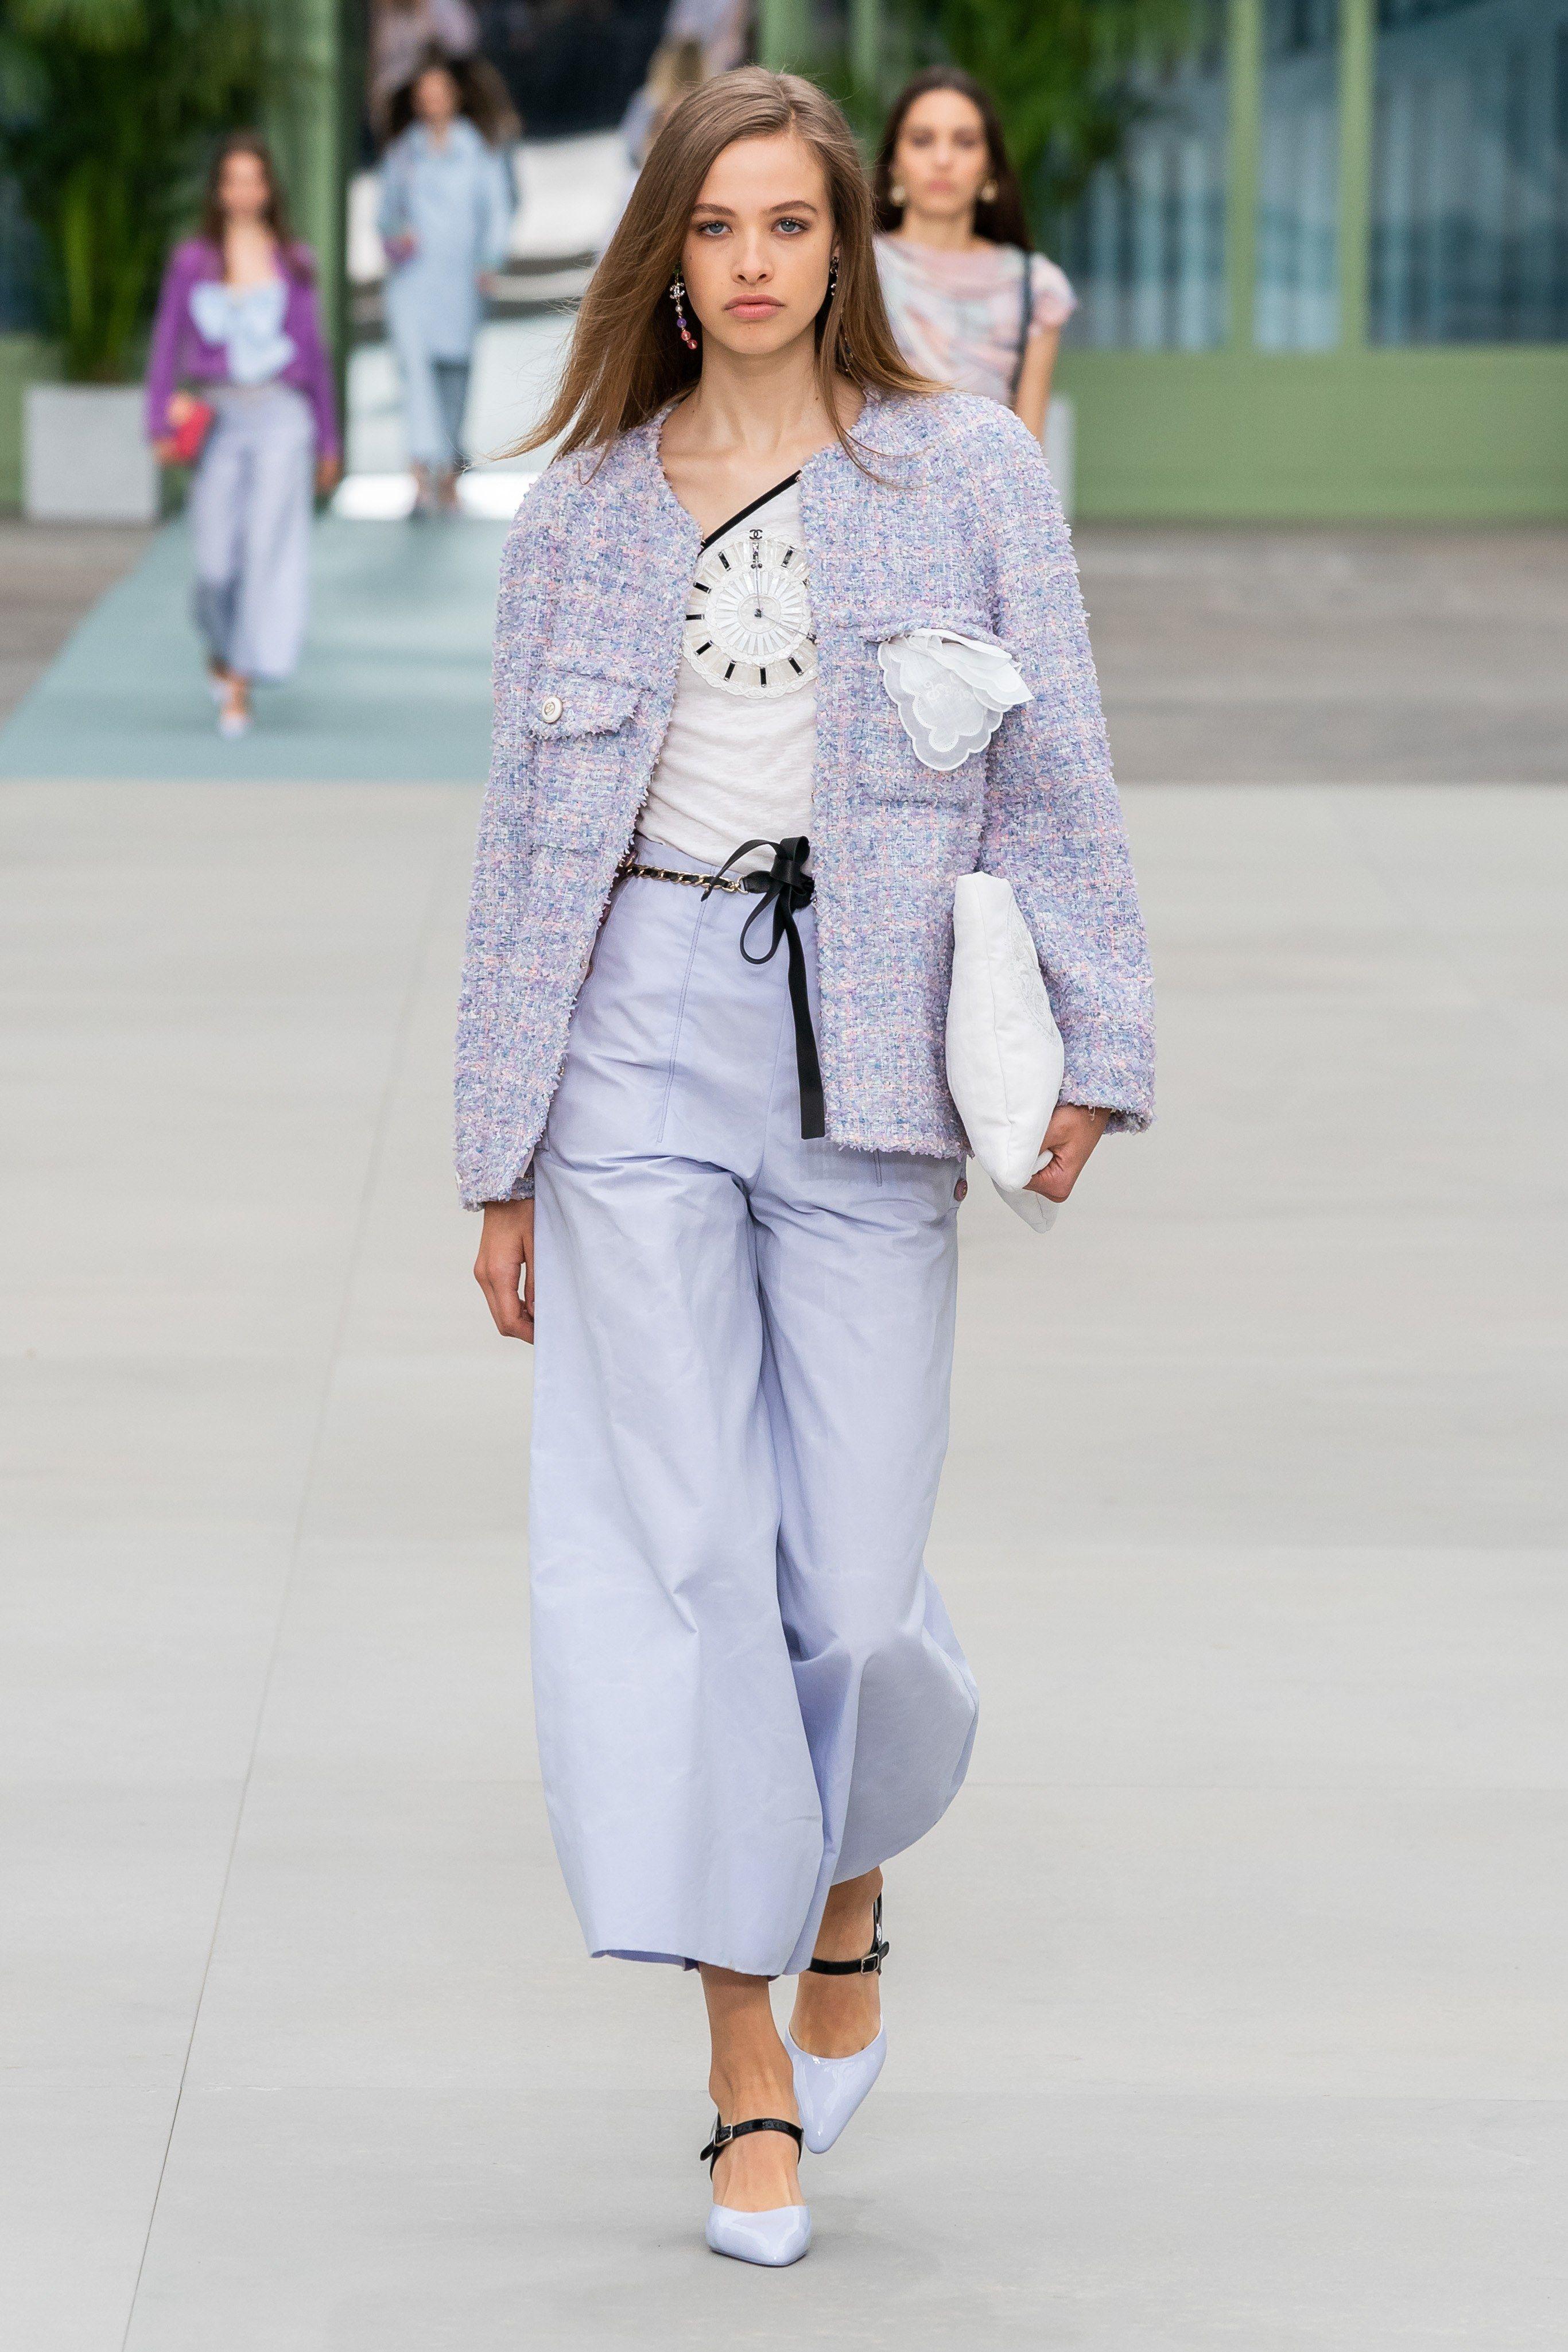 Chanel Resort 2020 Fashion Show in 2020 Chanel fashion